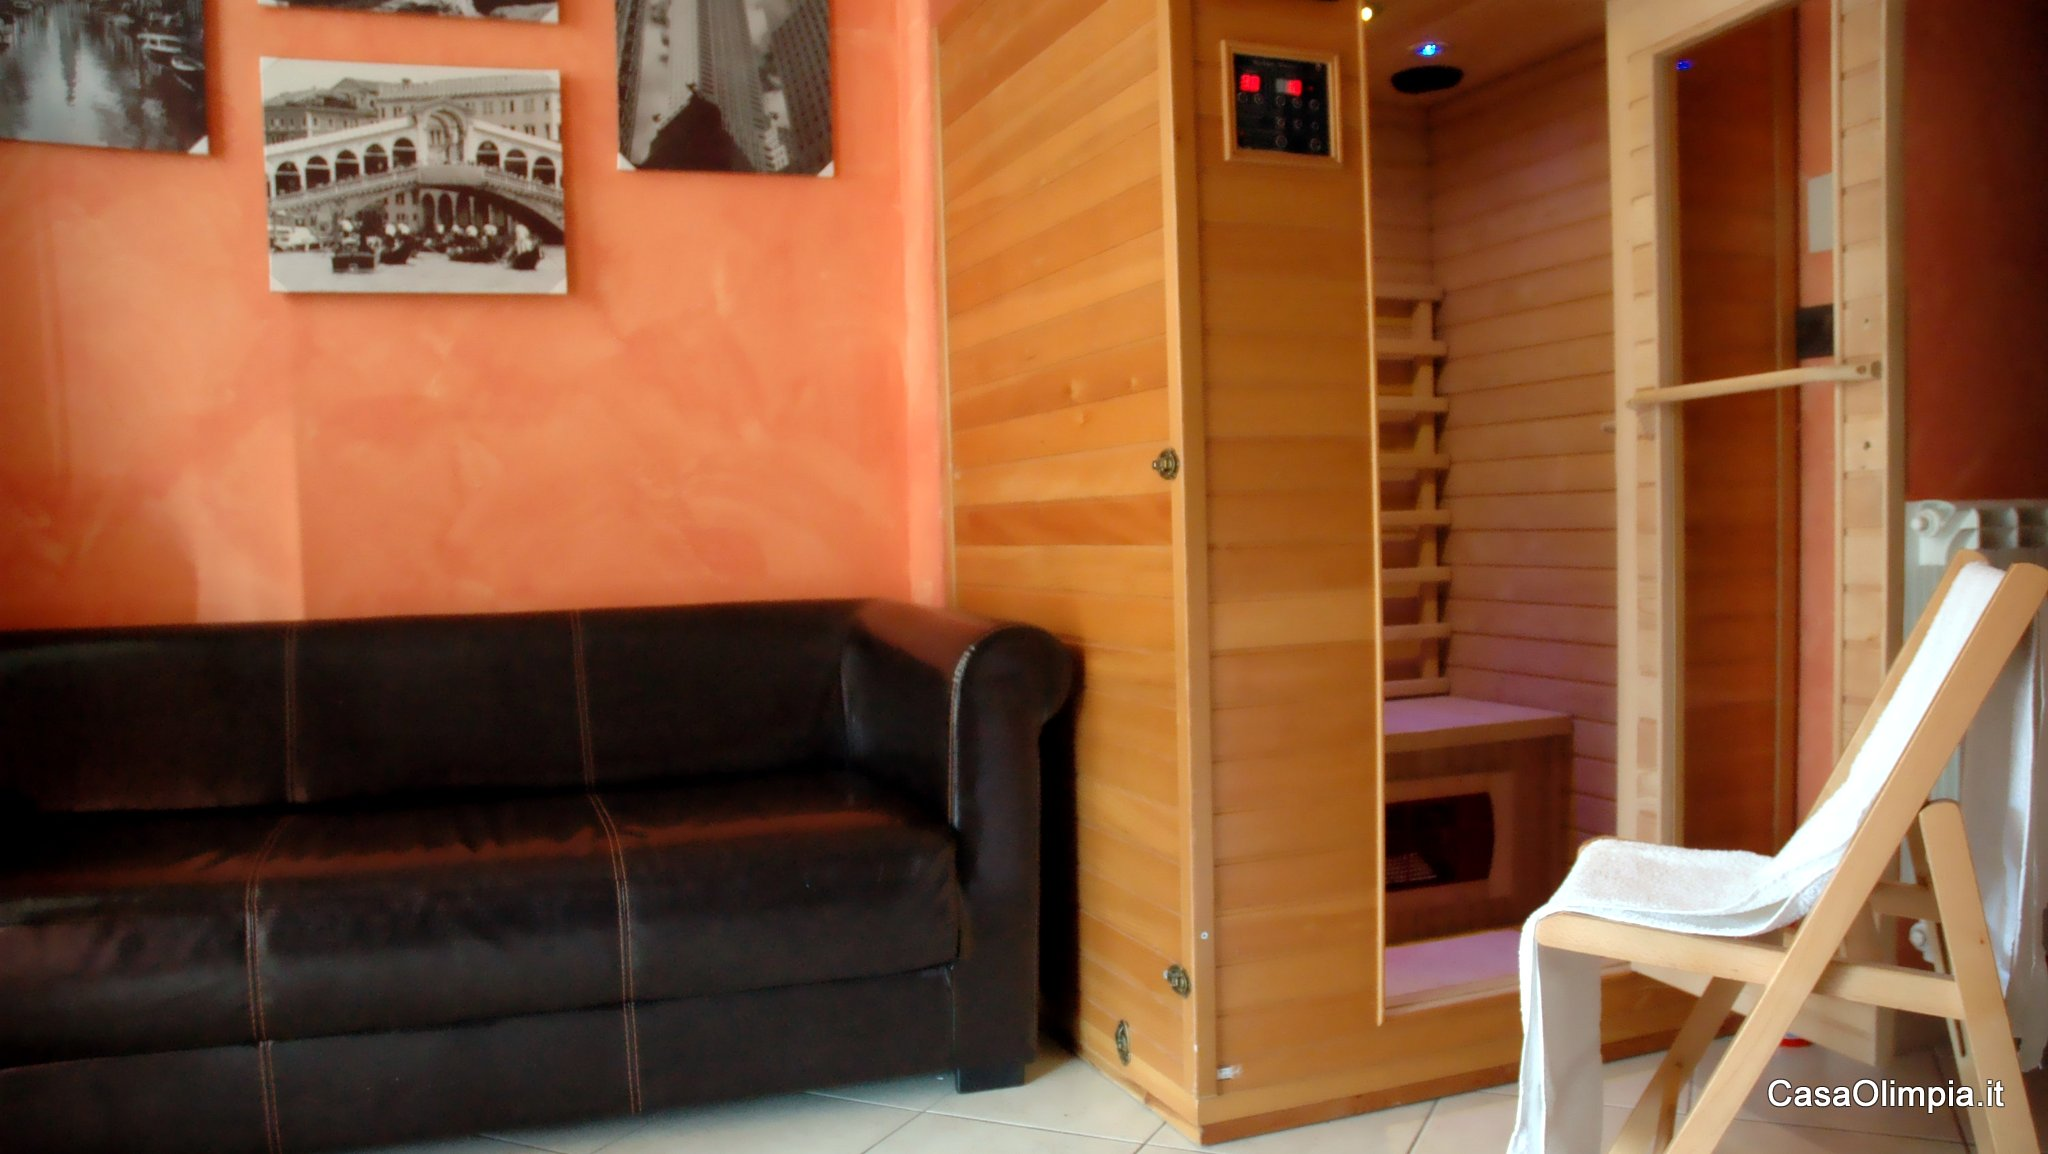 Sauna infrarossi come funziona relax benefici benessere e bellezza casa olimpia bub giarre - Prezzi sauna per casa ...